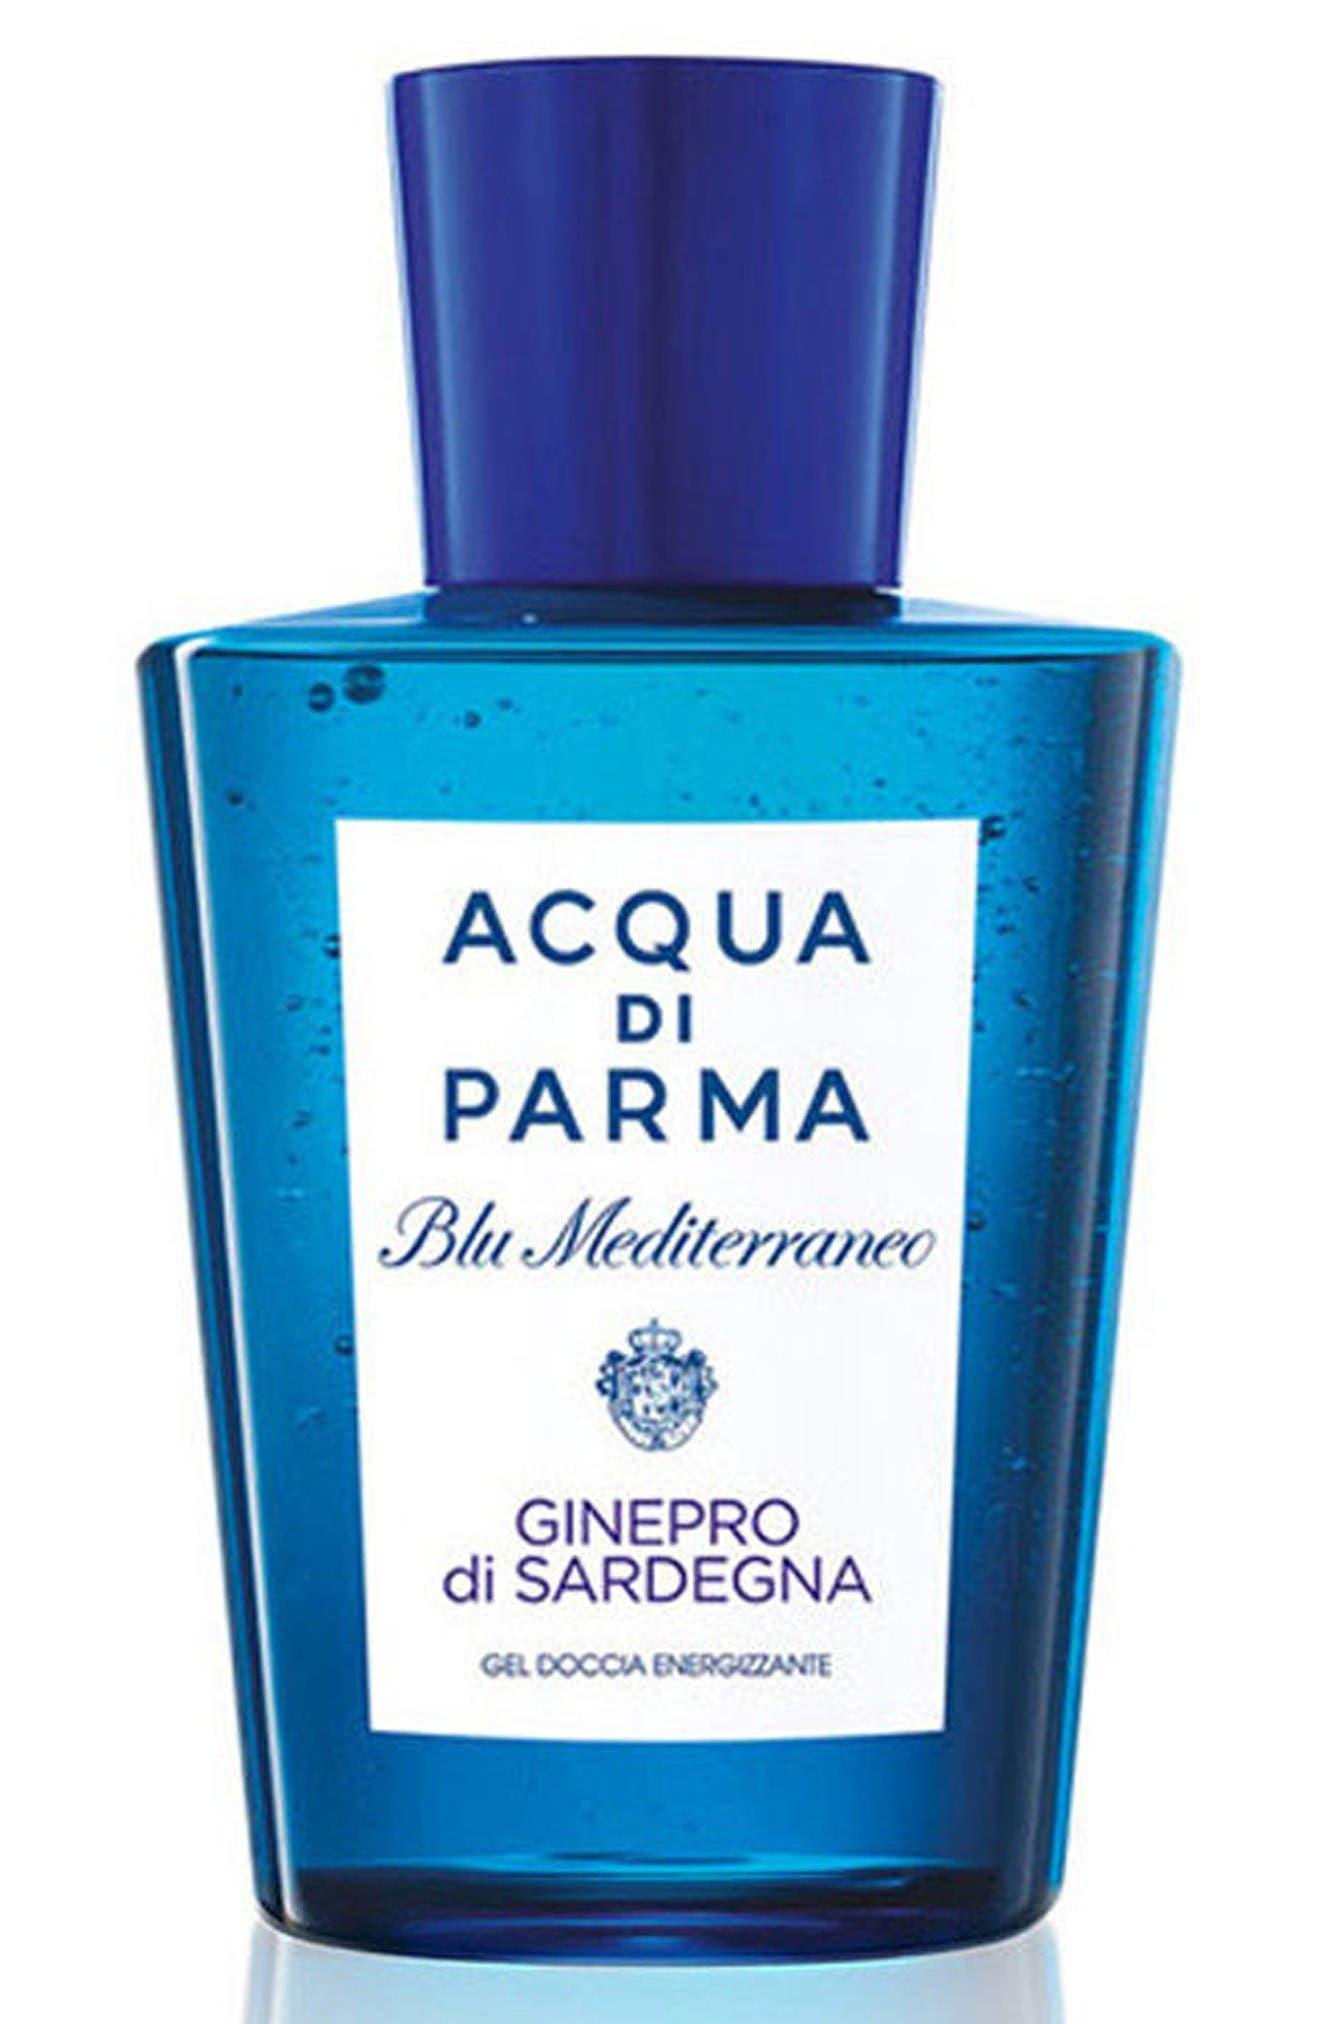 Acqua di Parma 'Blu Mediterraneo - Ginepro di Sardegna' Energizing Shower Gel